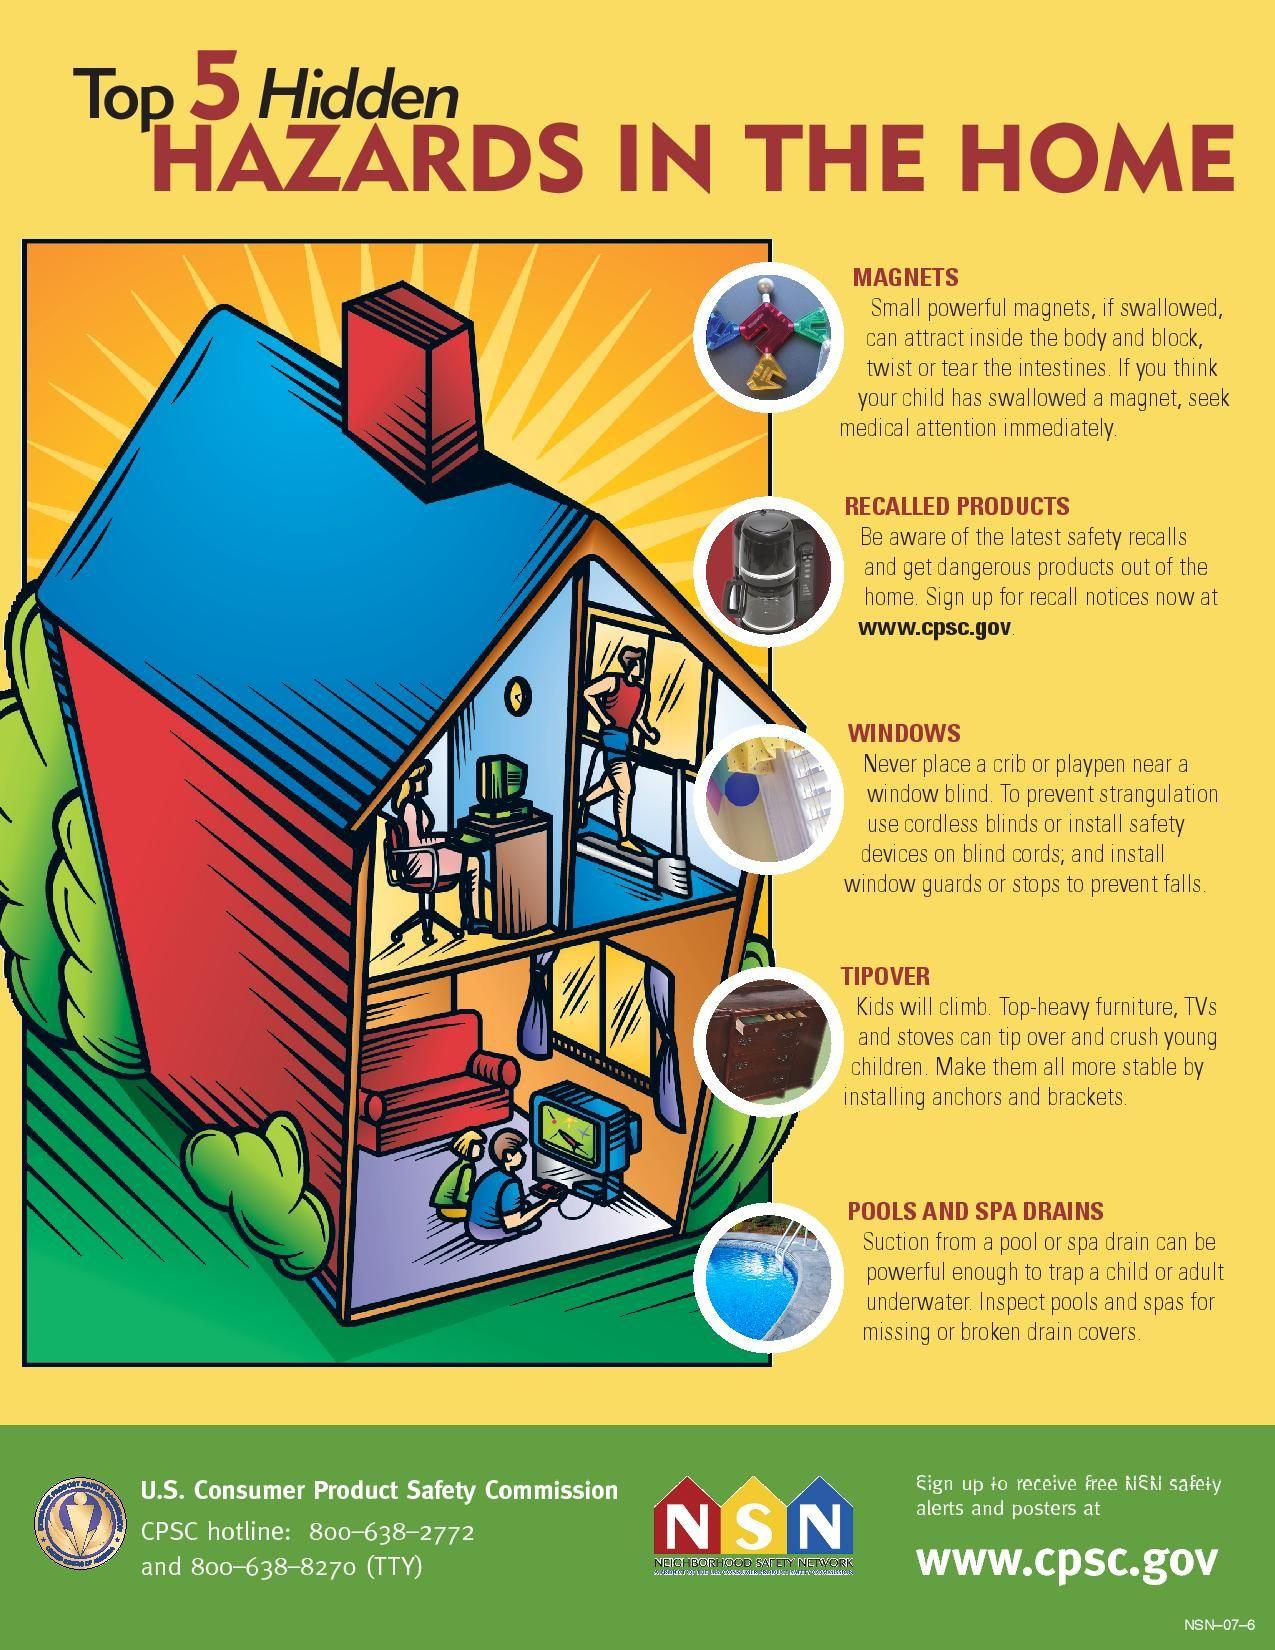 Top 5 Hidden Hazards In The Home